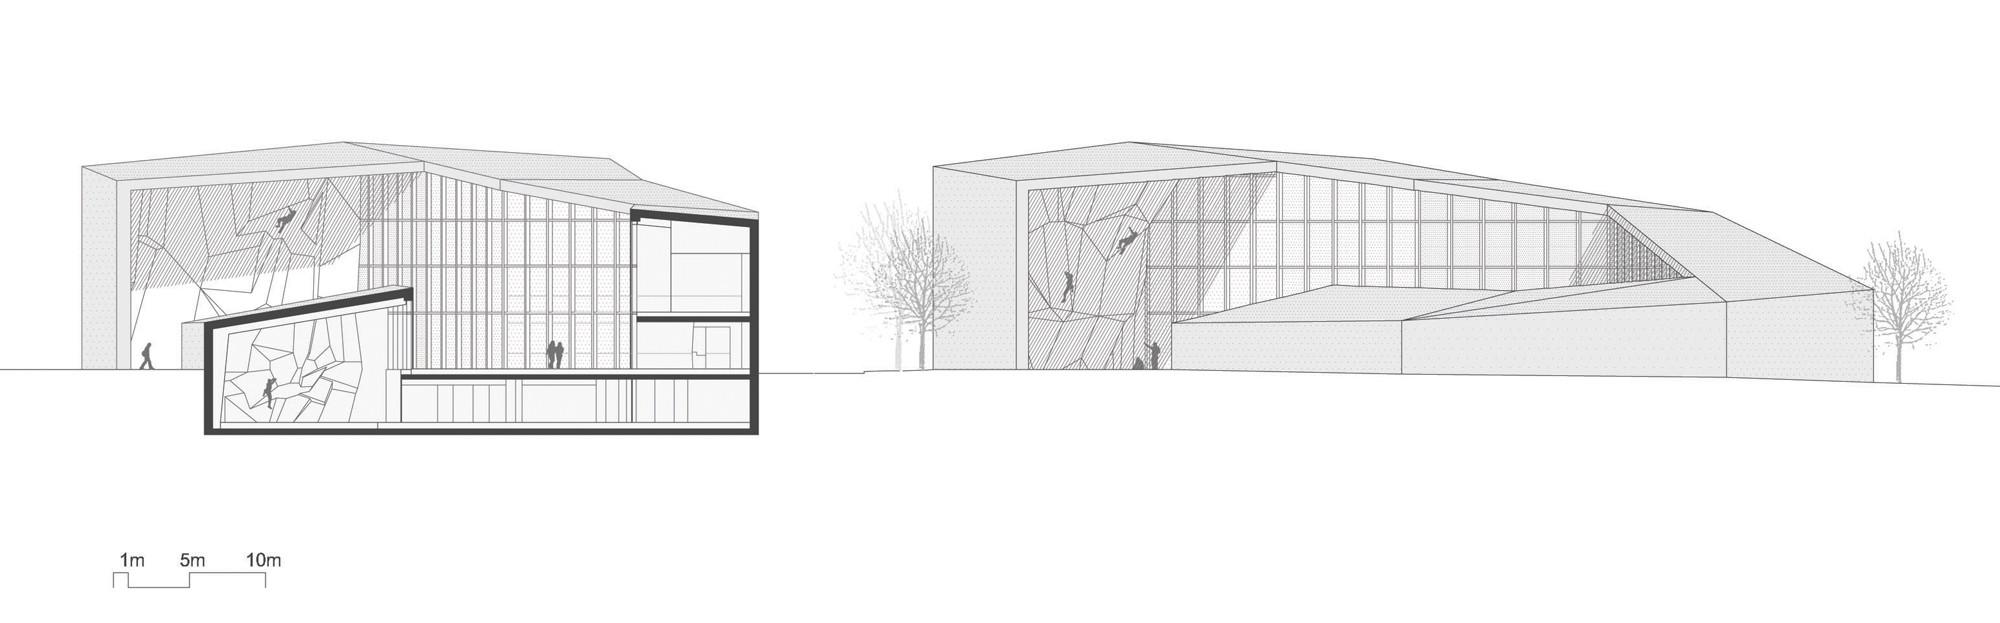 kletterhalle in bruneck flachdach kultur und freizeit baunetz wissen. Black Bedroom Furniture Sets. Home Design Ideas